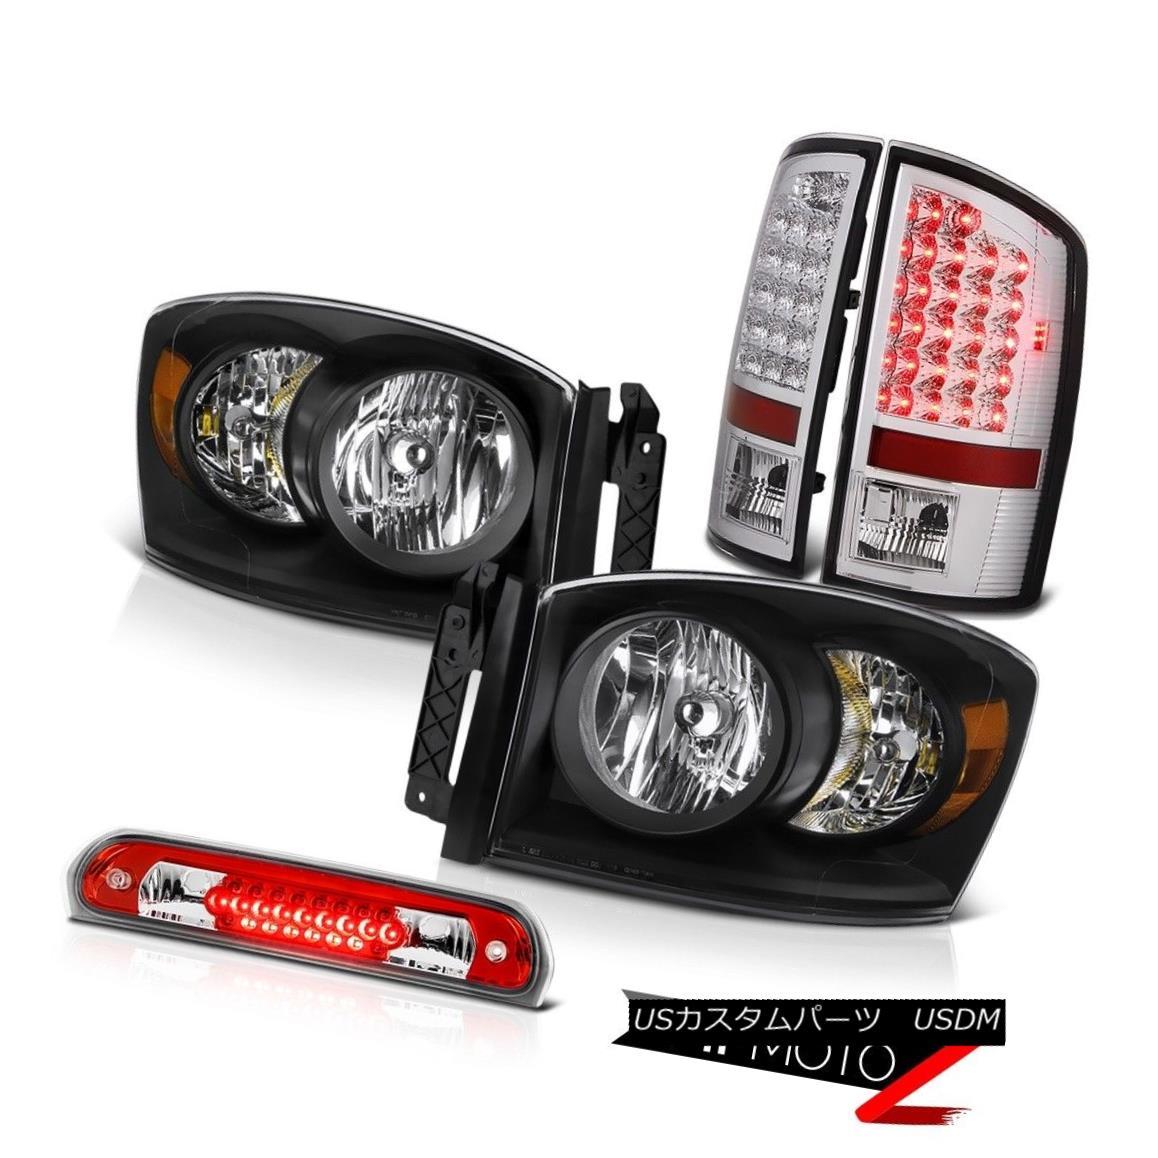 ヘッドライト Black Headlights Assembly LED Brake Taillights High Stop Red 2007 2008 Ram V8 ブラックヘッドライトアセンブリLEDブレーキ灯台ハイストップレッド2007 2008 Ram V8